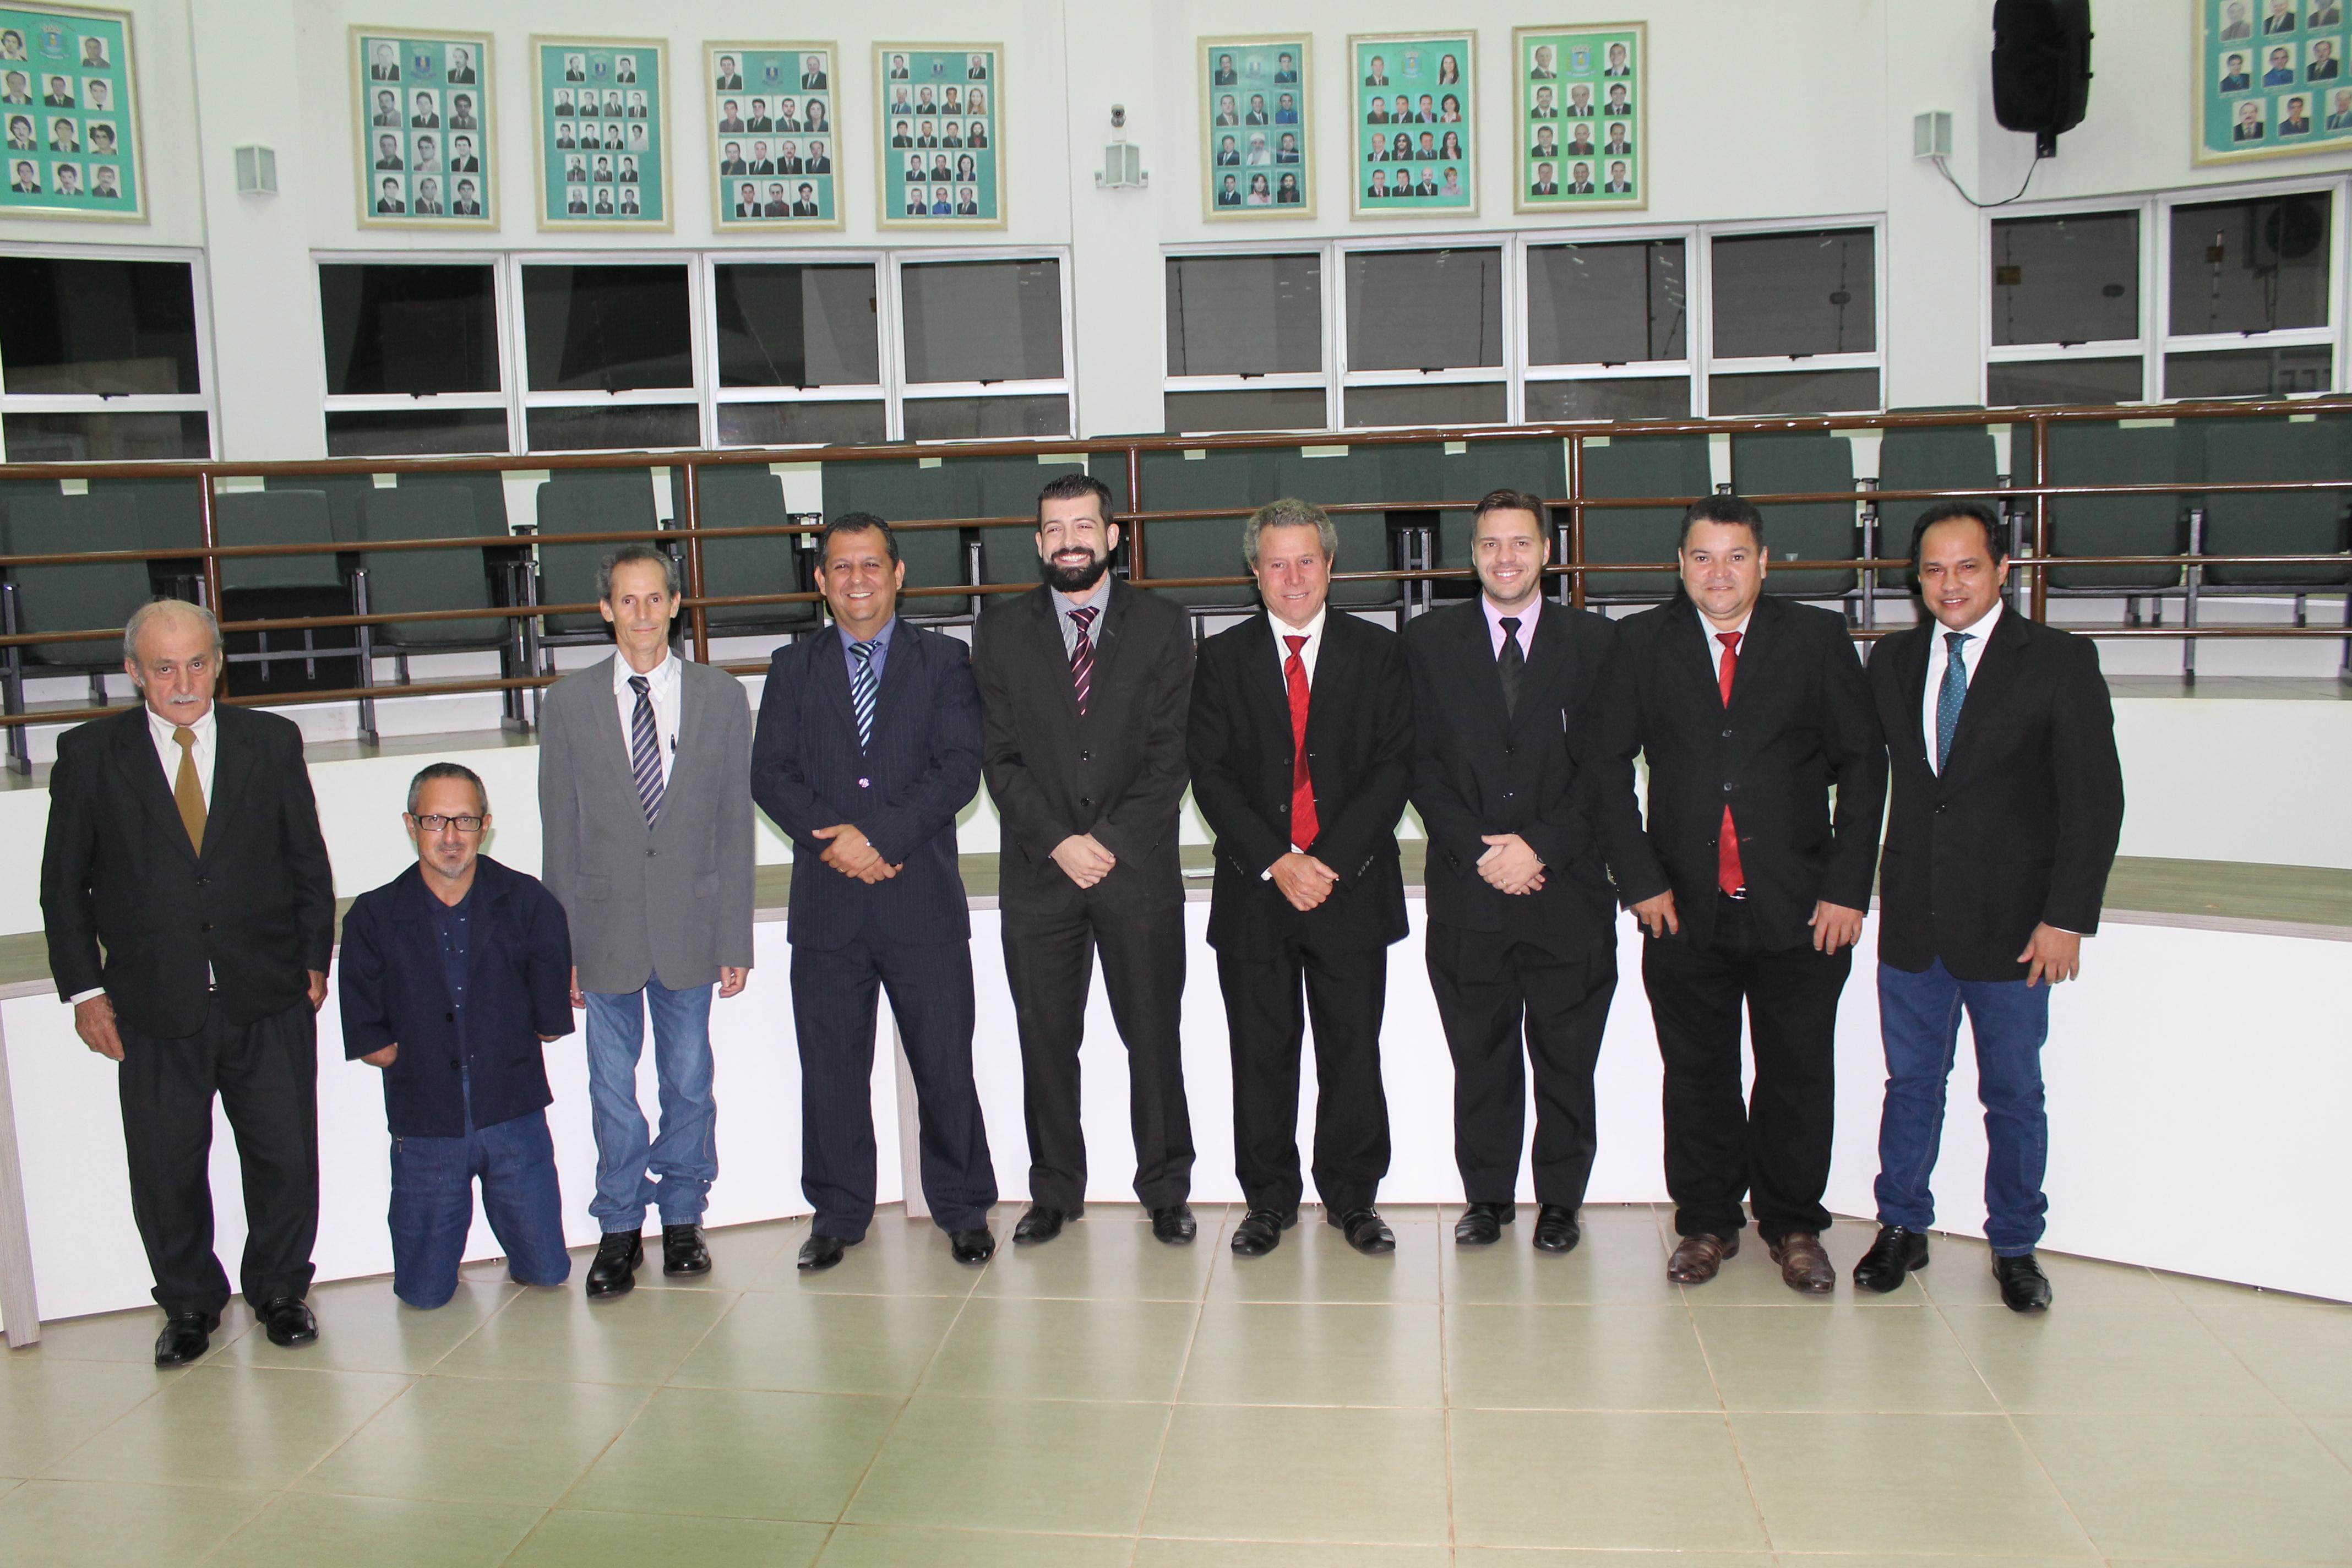 VEREADORES, BENITO MORENO, TONINHO, LELEI, NEZÃO, DIEGO SANCHES, OSVALDO MARINHO, PROFESSOR MARCELO, LUIZ DO CANADÁ E CARLOS  MARTINS